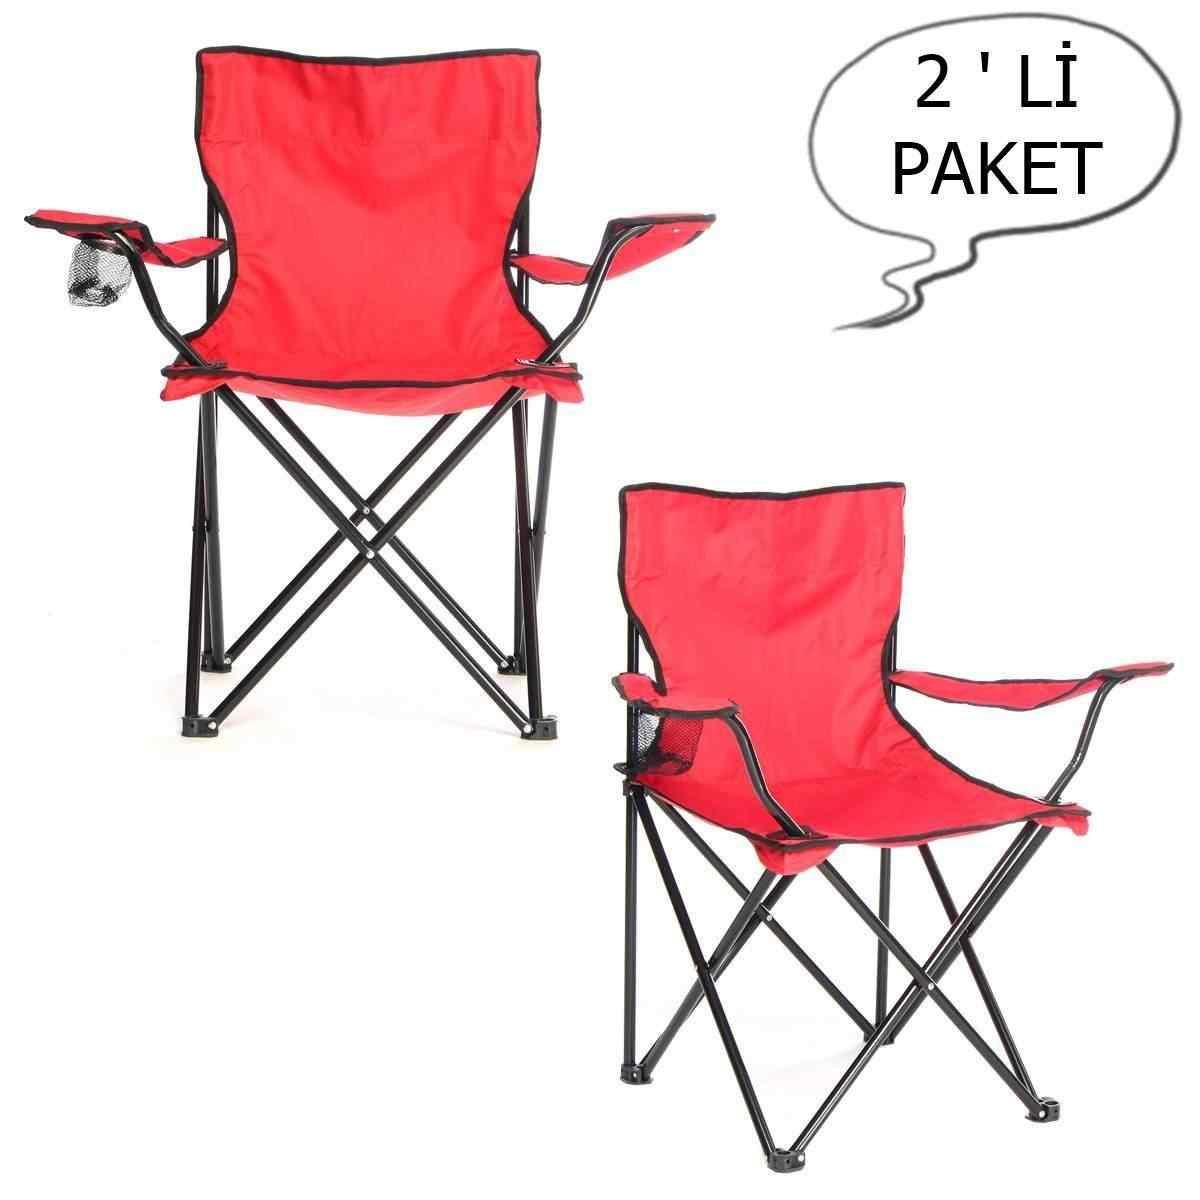 Çantalı Kamp Sandalyesi Balıkçı Plaj Piknik Koltuk Kırmızı 2 Ade